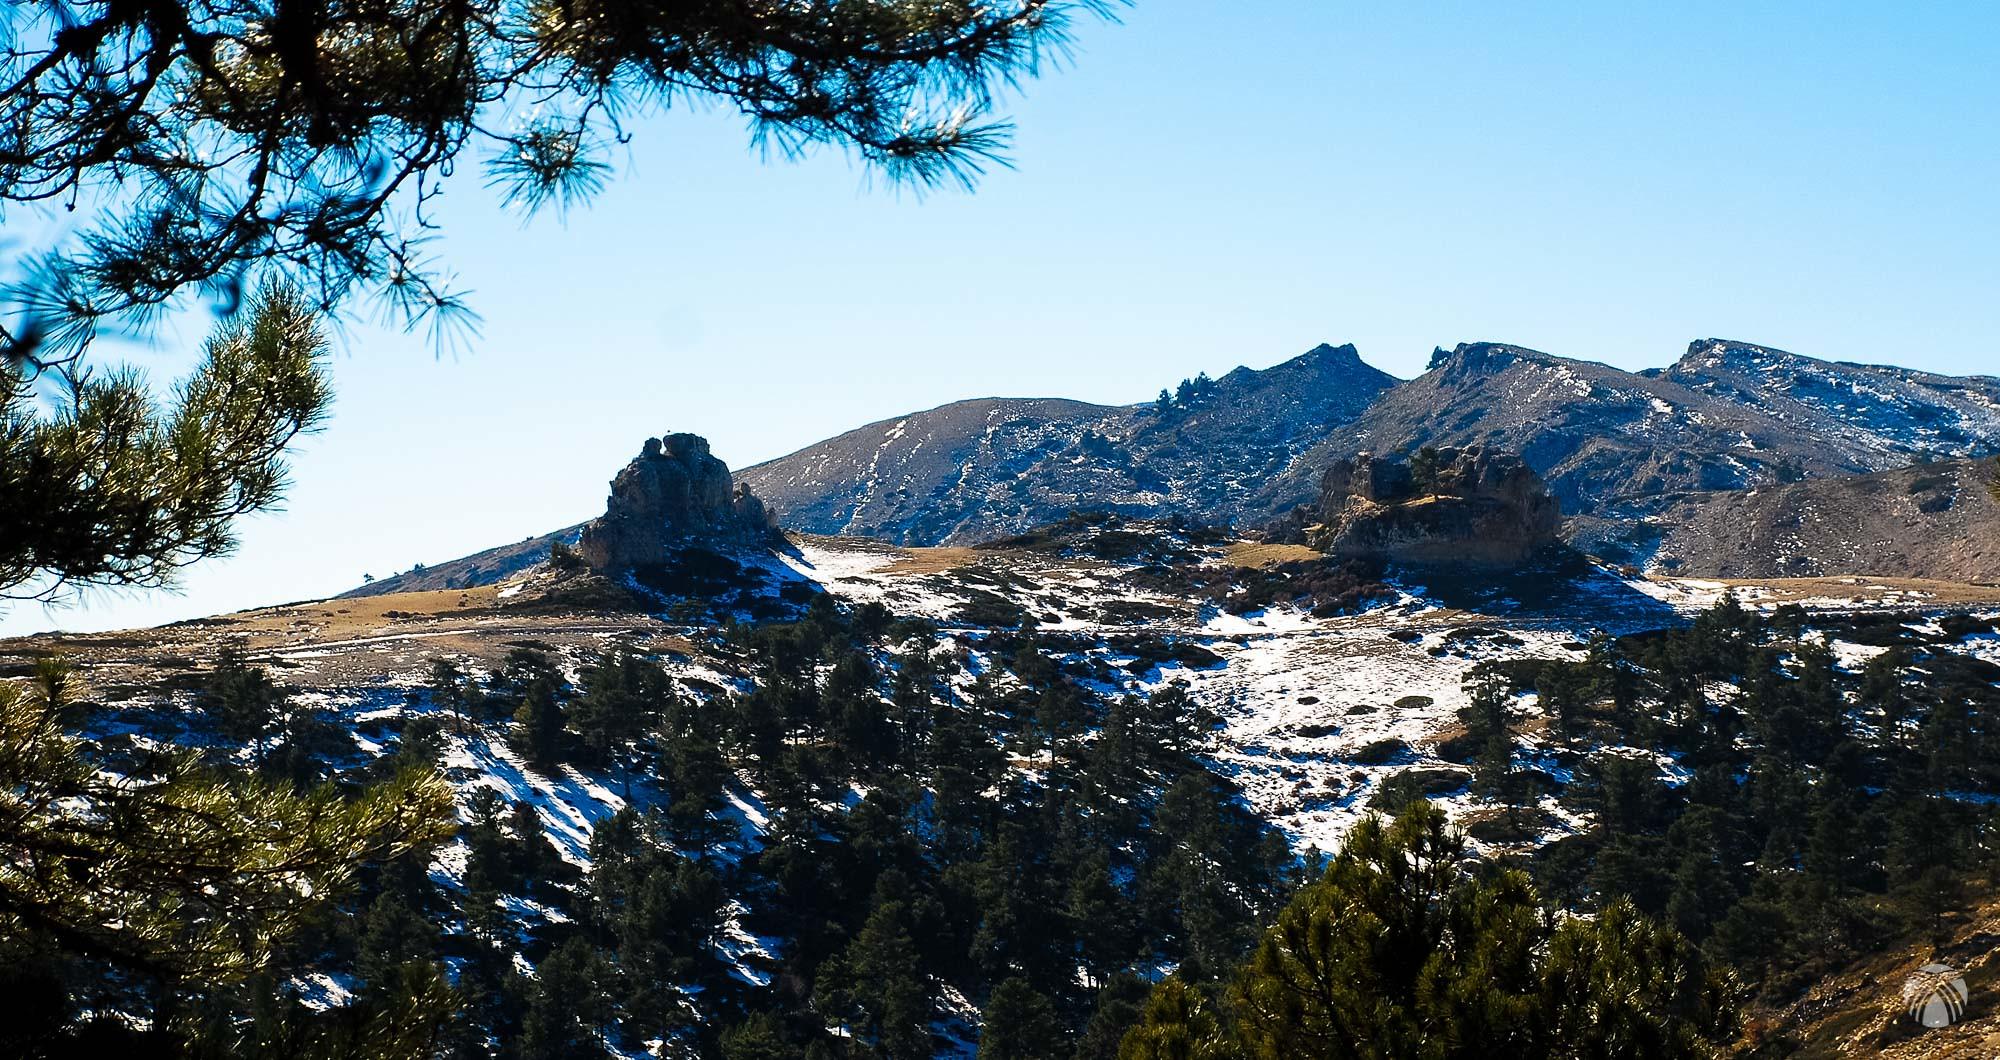 En la zona de cumbres: enfrente vemos el Peñón del Toro y la pista que sube desde el cortijo de las Nogueras